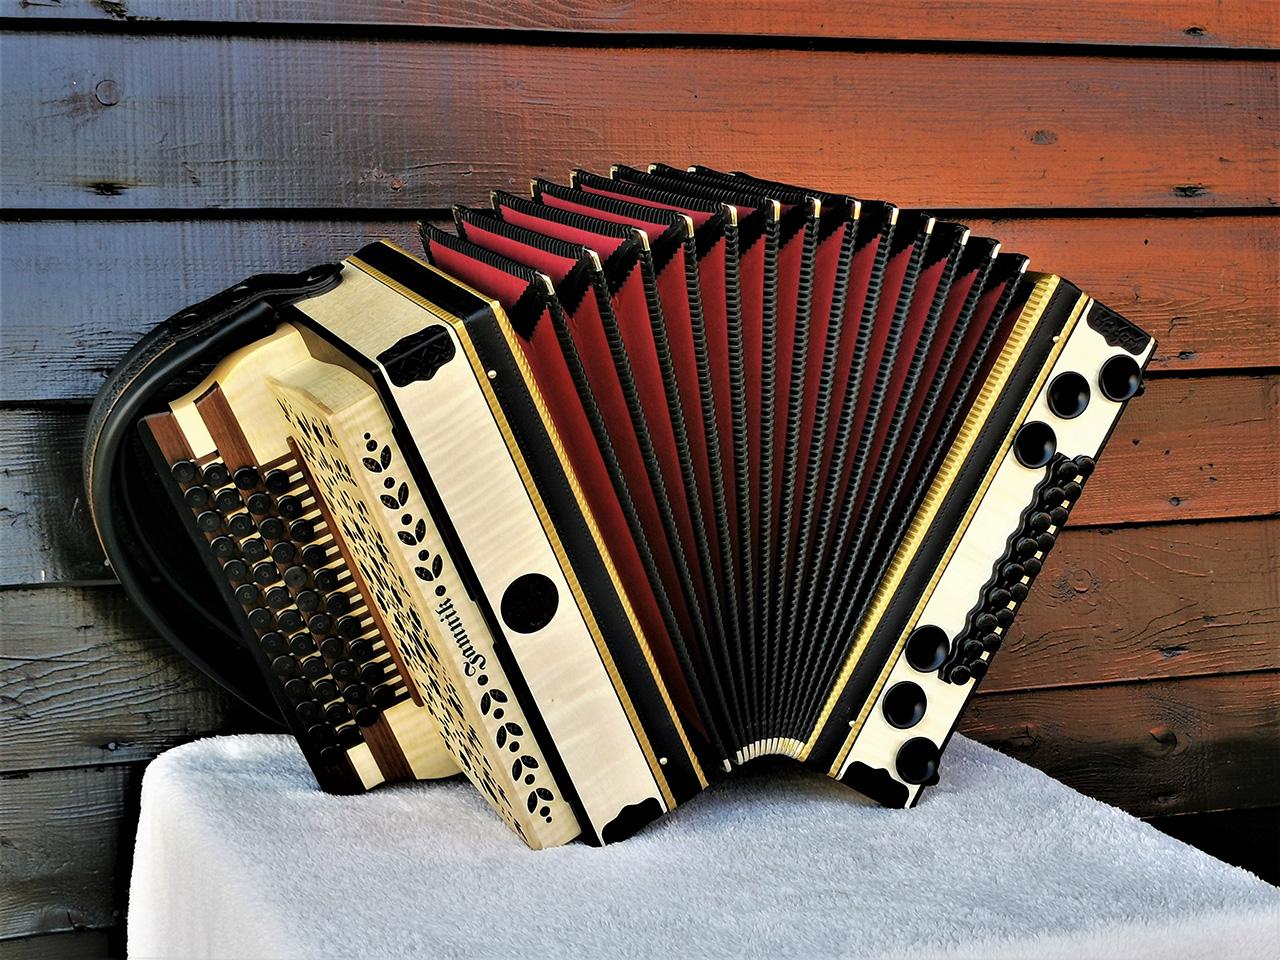 Steirische Harmonika Ahorn geriegelt von vorne